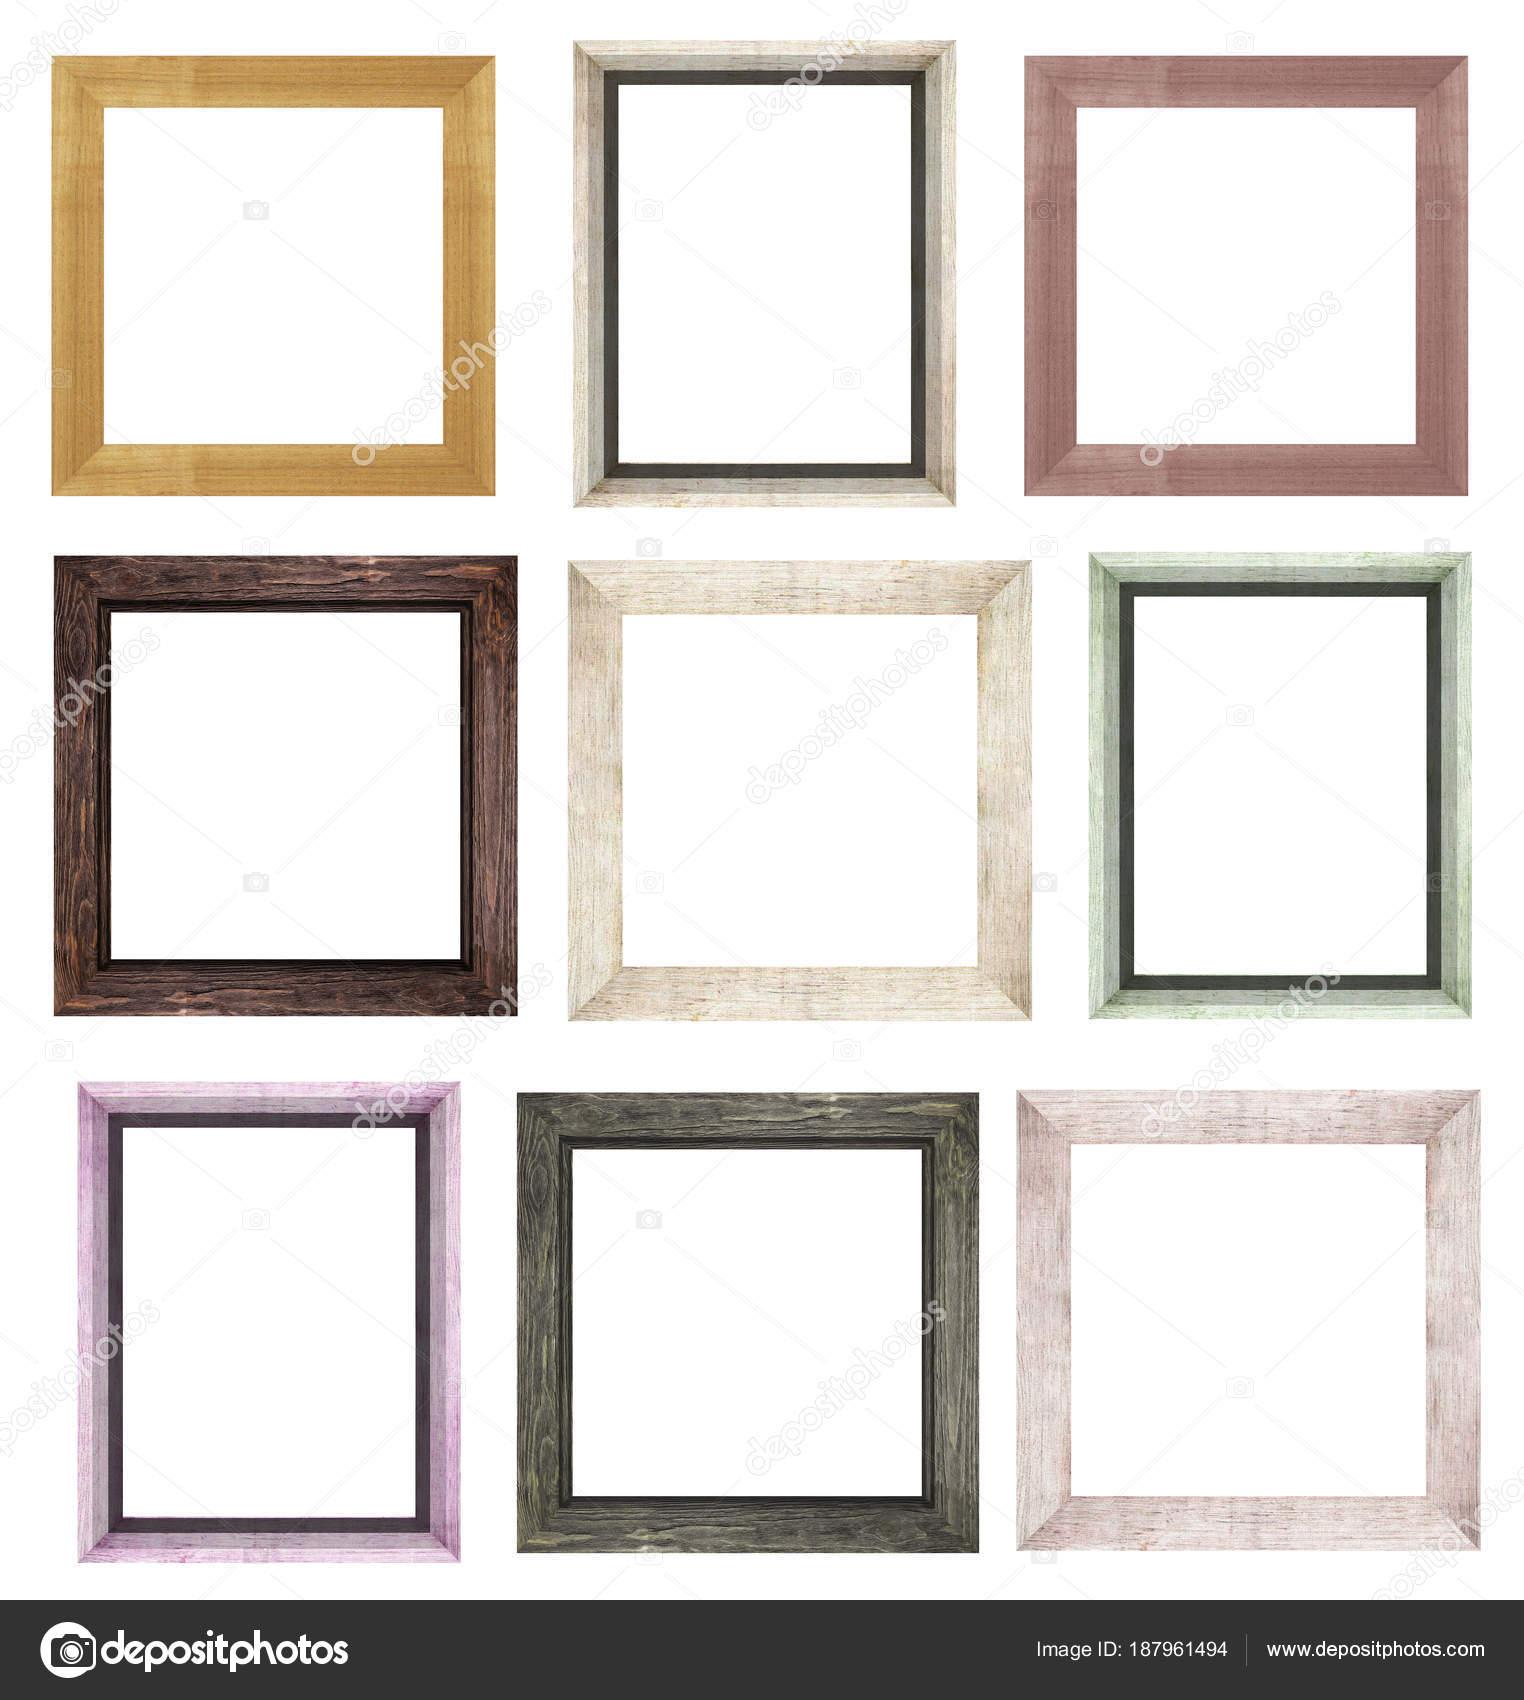 un conjunto de marcos de madera marrón para las imágenes y ...